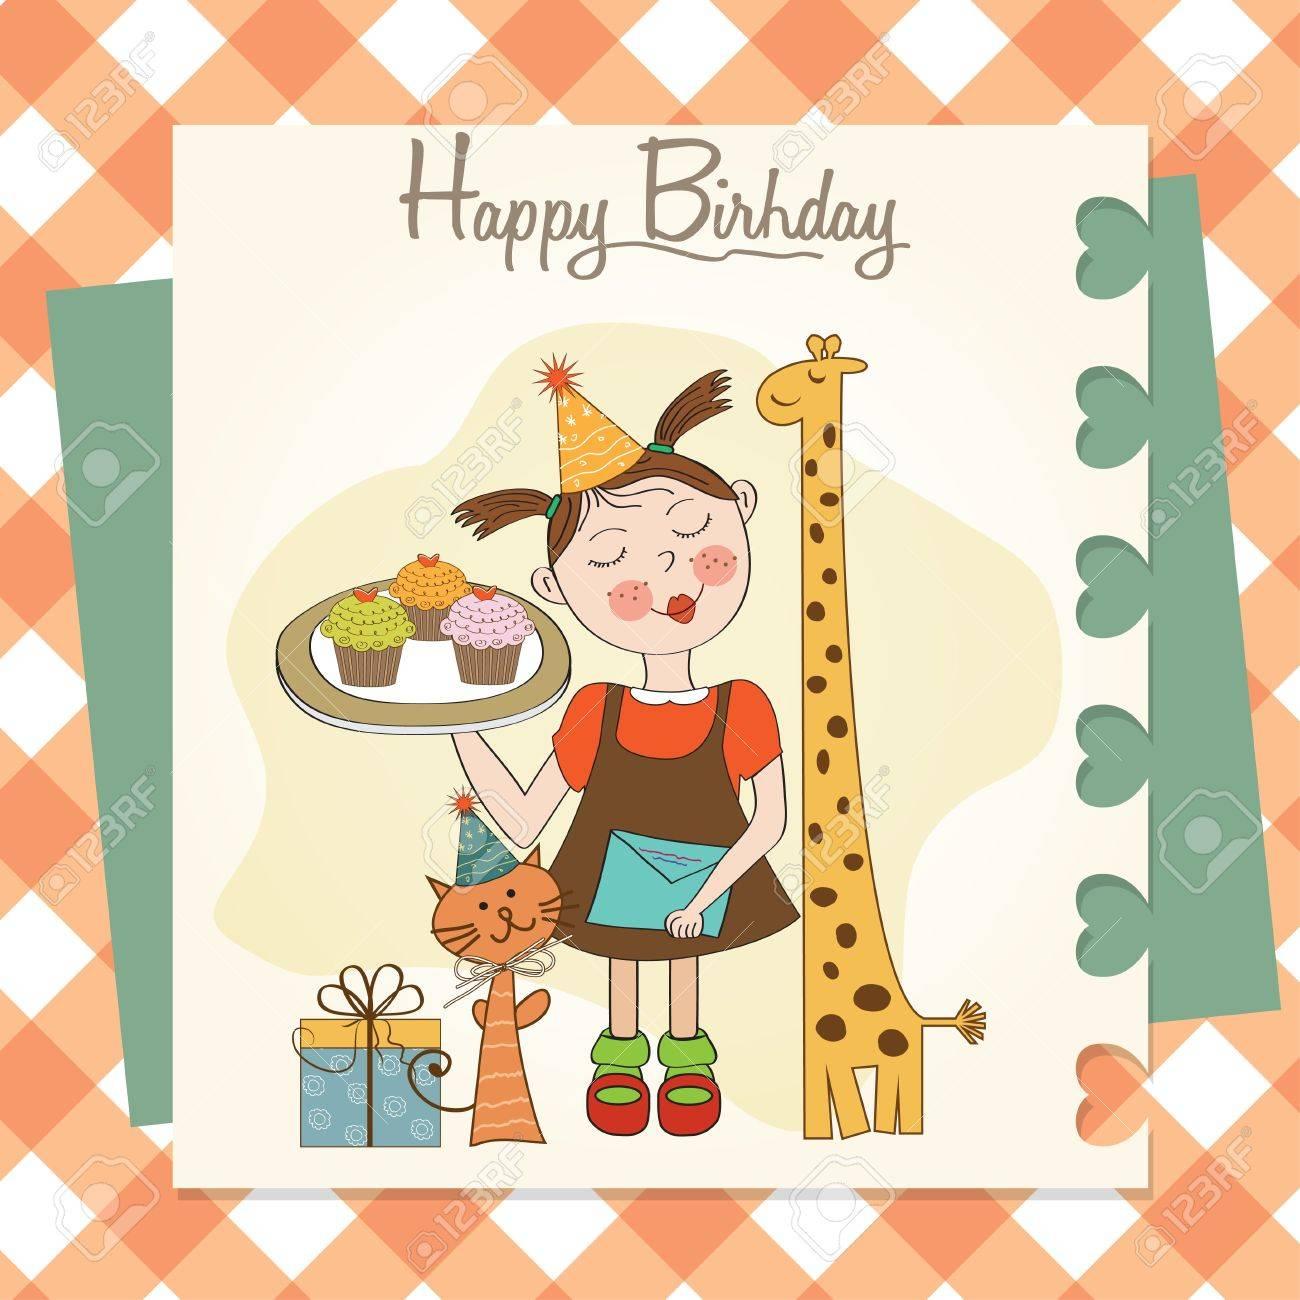 おかしい女の子動物とカップケーキ、イラストと誕生日カード